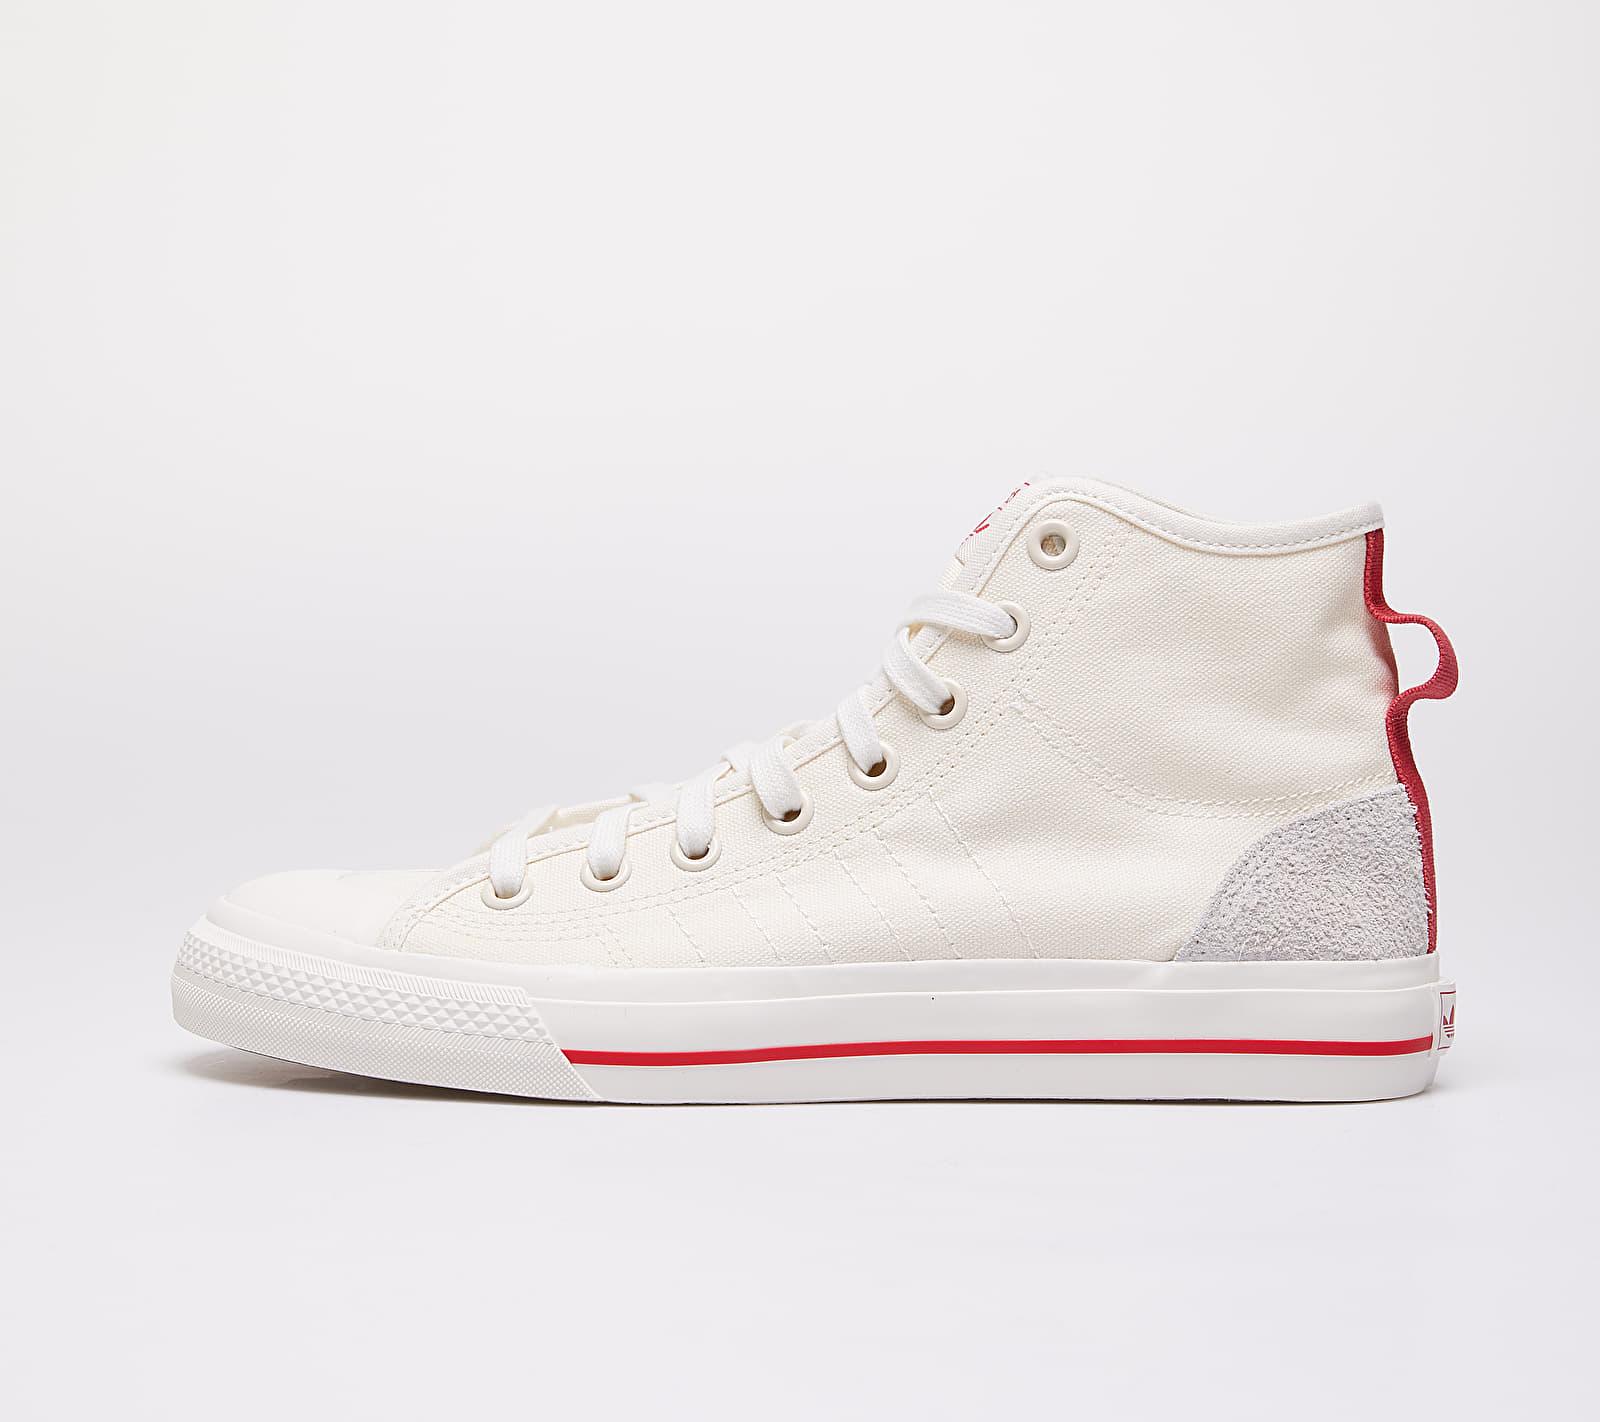 adidas Nizza Hi Rf Off White/ Glow Red/ Gum44 EF5757